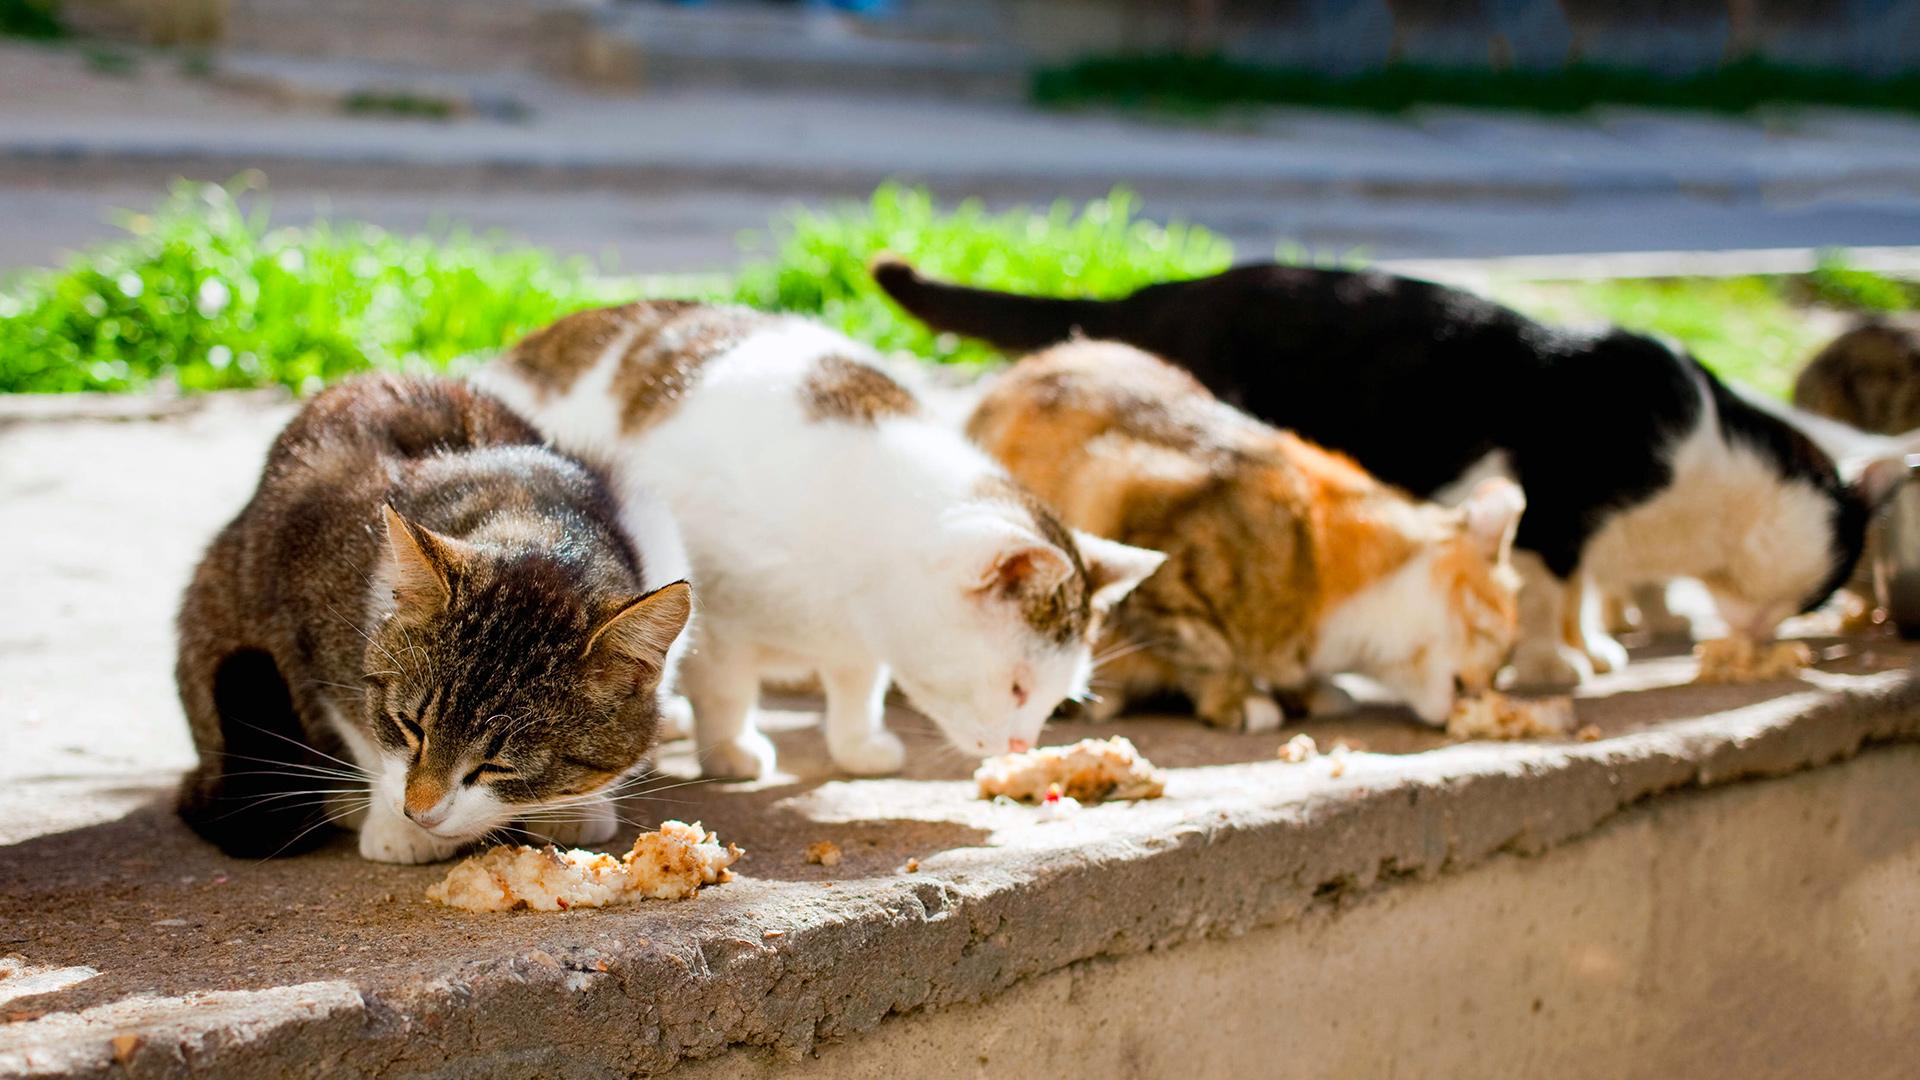 Gatti randagi das polizza colonie feline 03112019